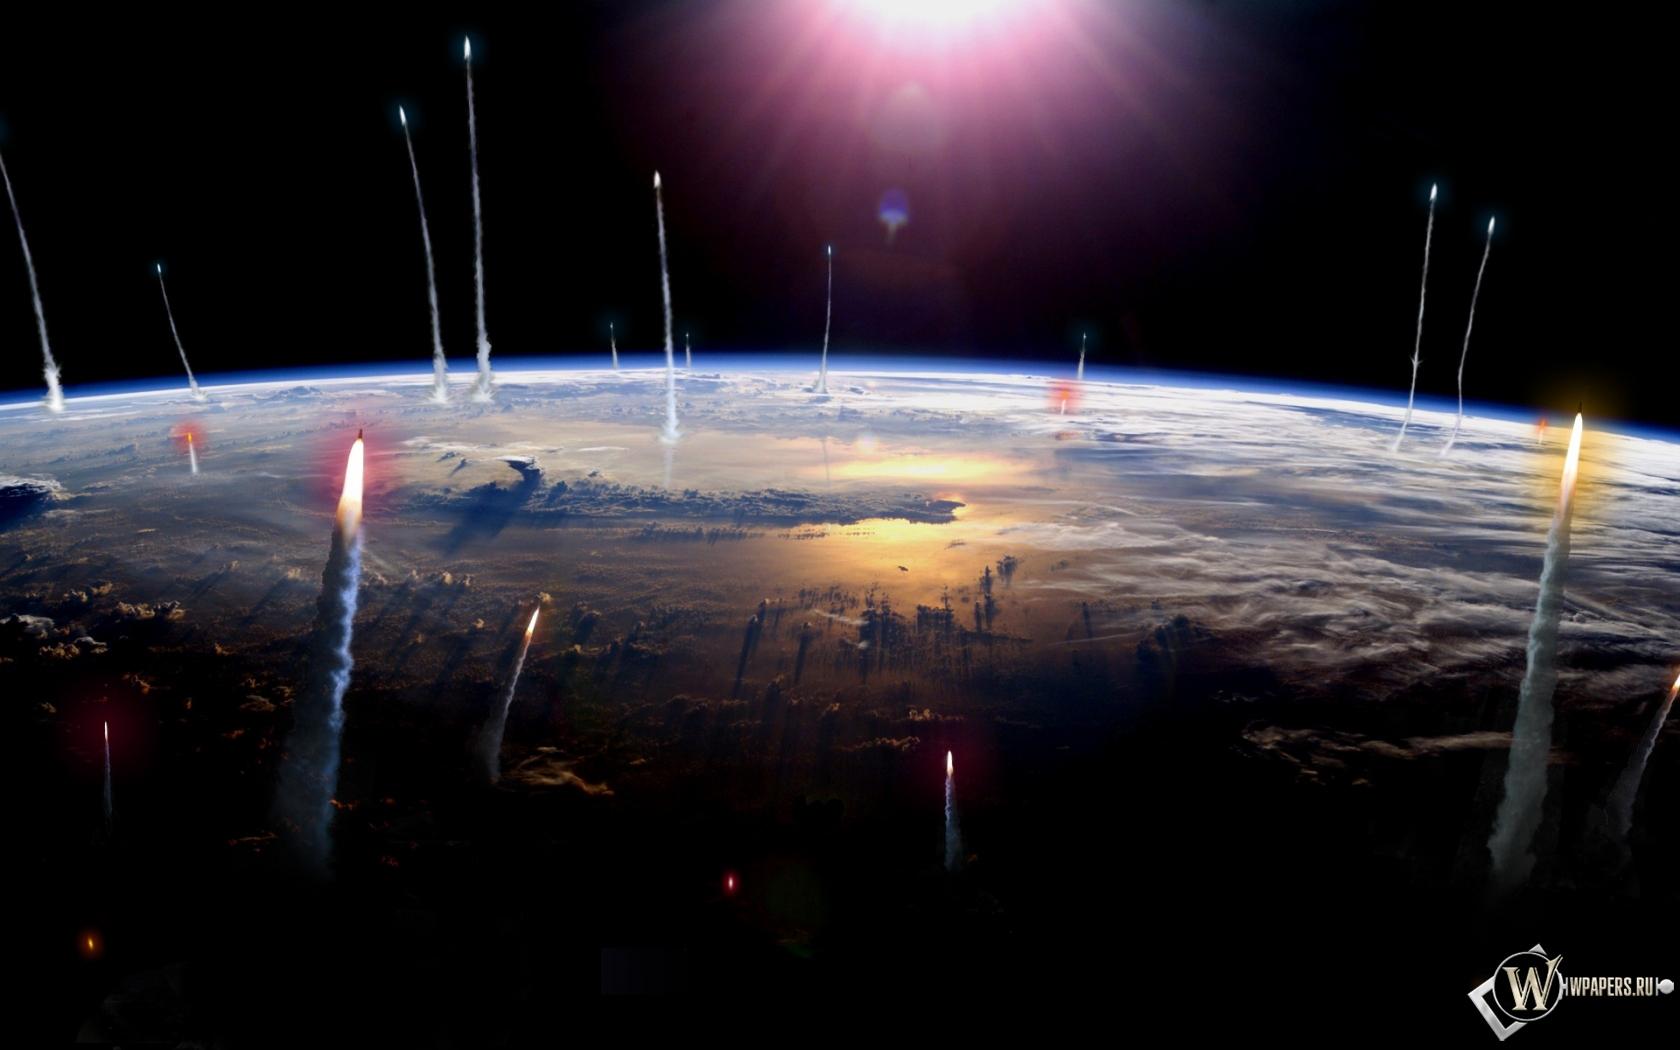 Обои Планета из космоса 1920х1080 Full HD картинки на